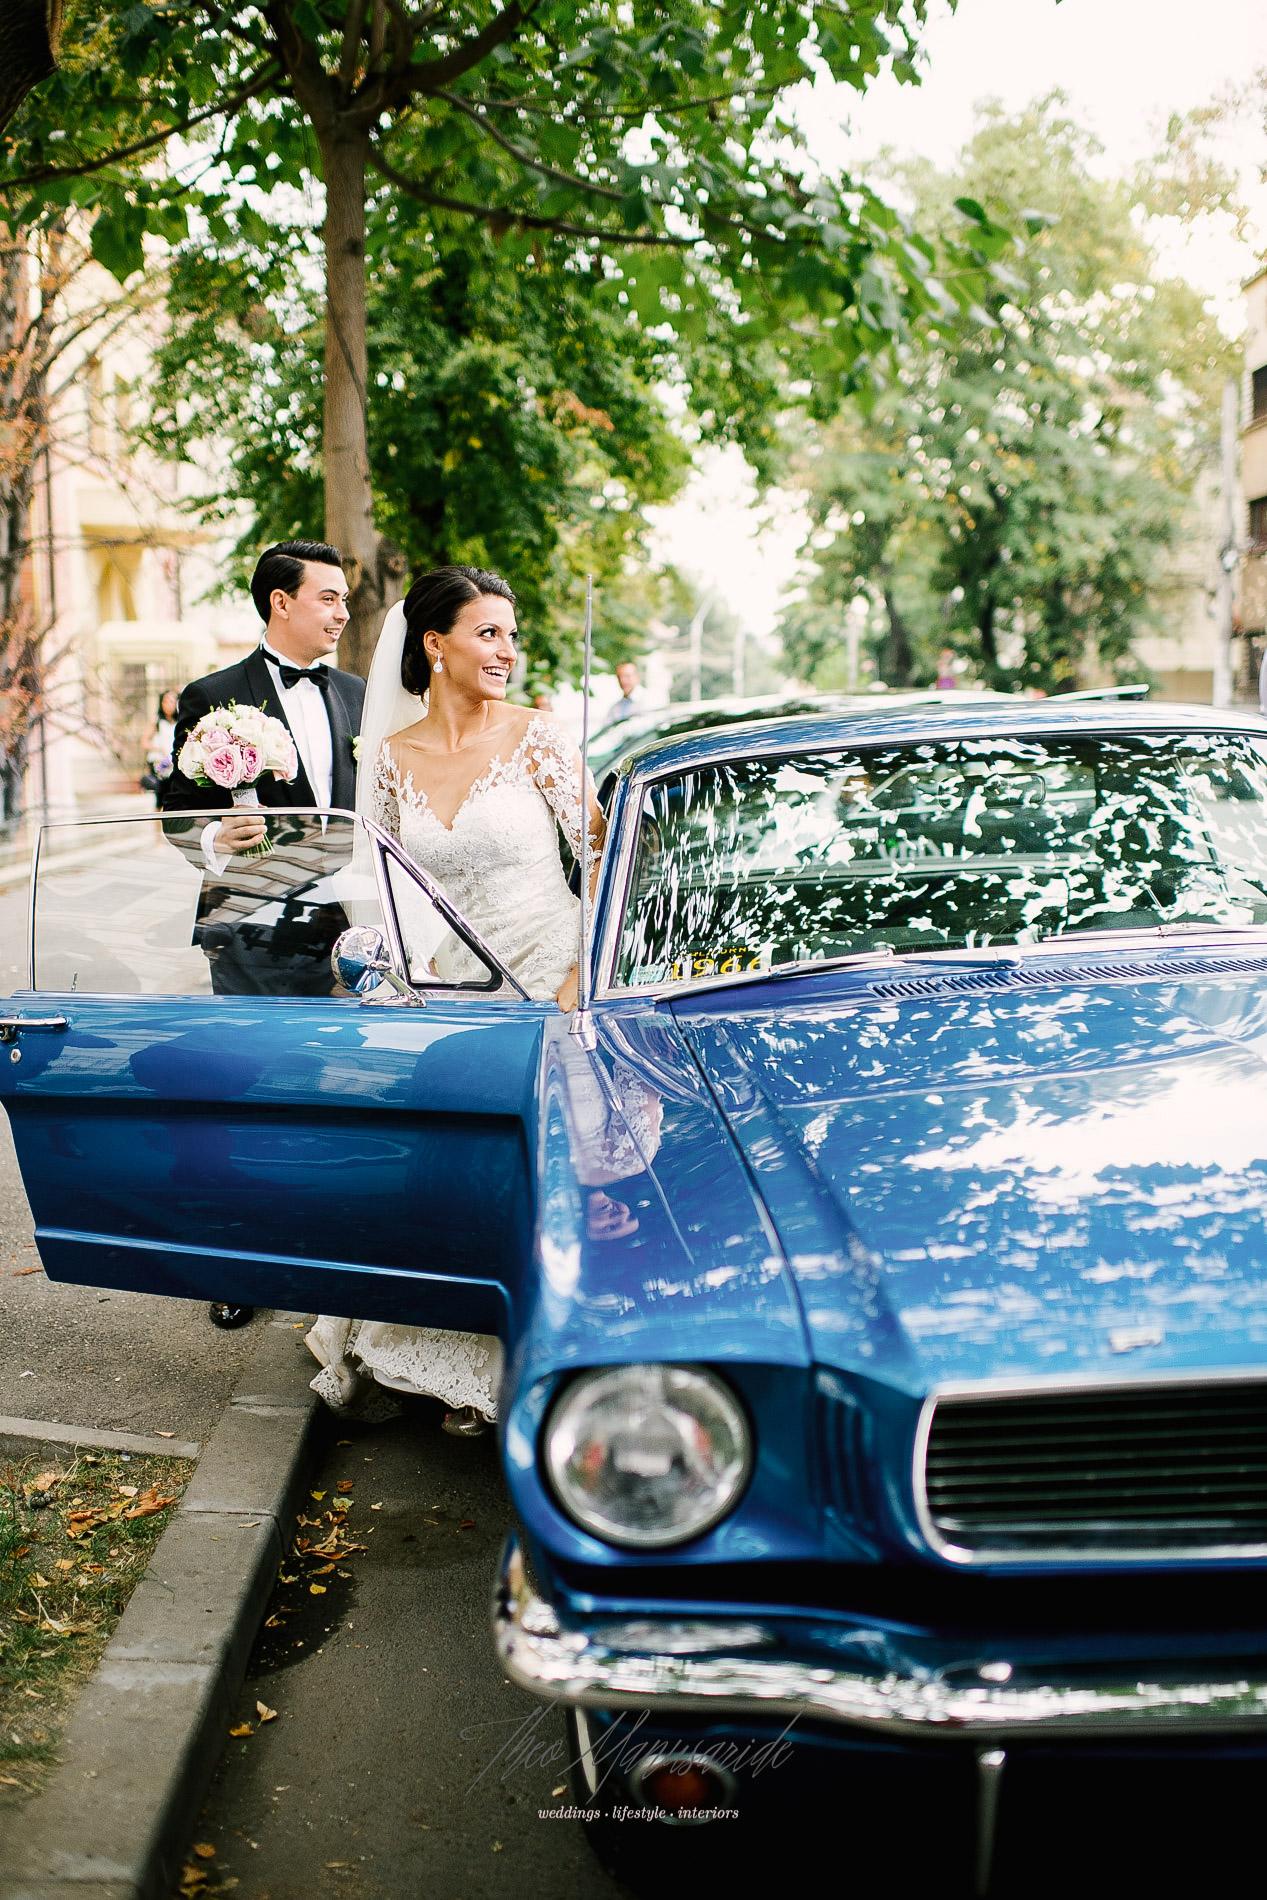 fotograf nunta biavati events-37-2